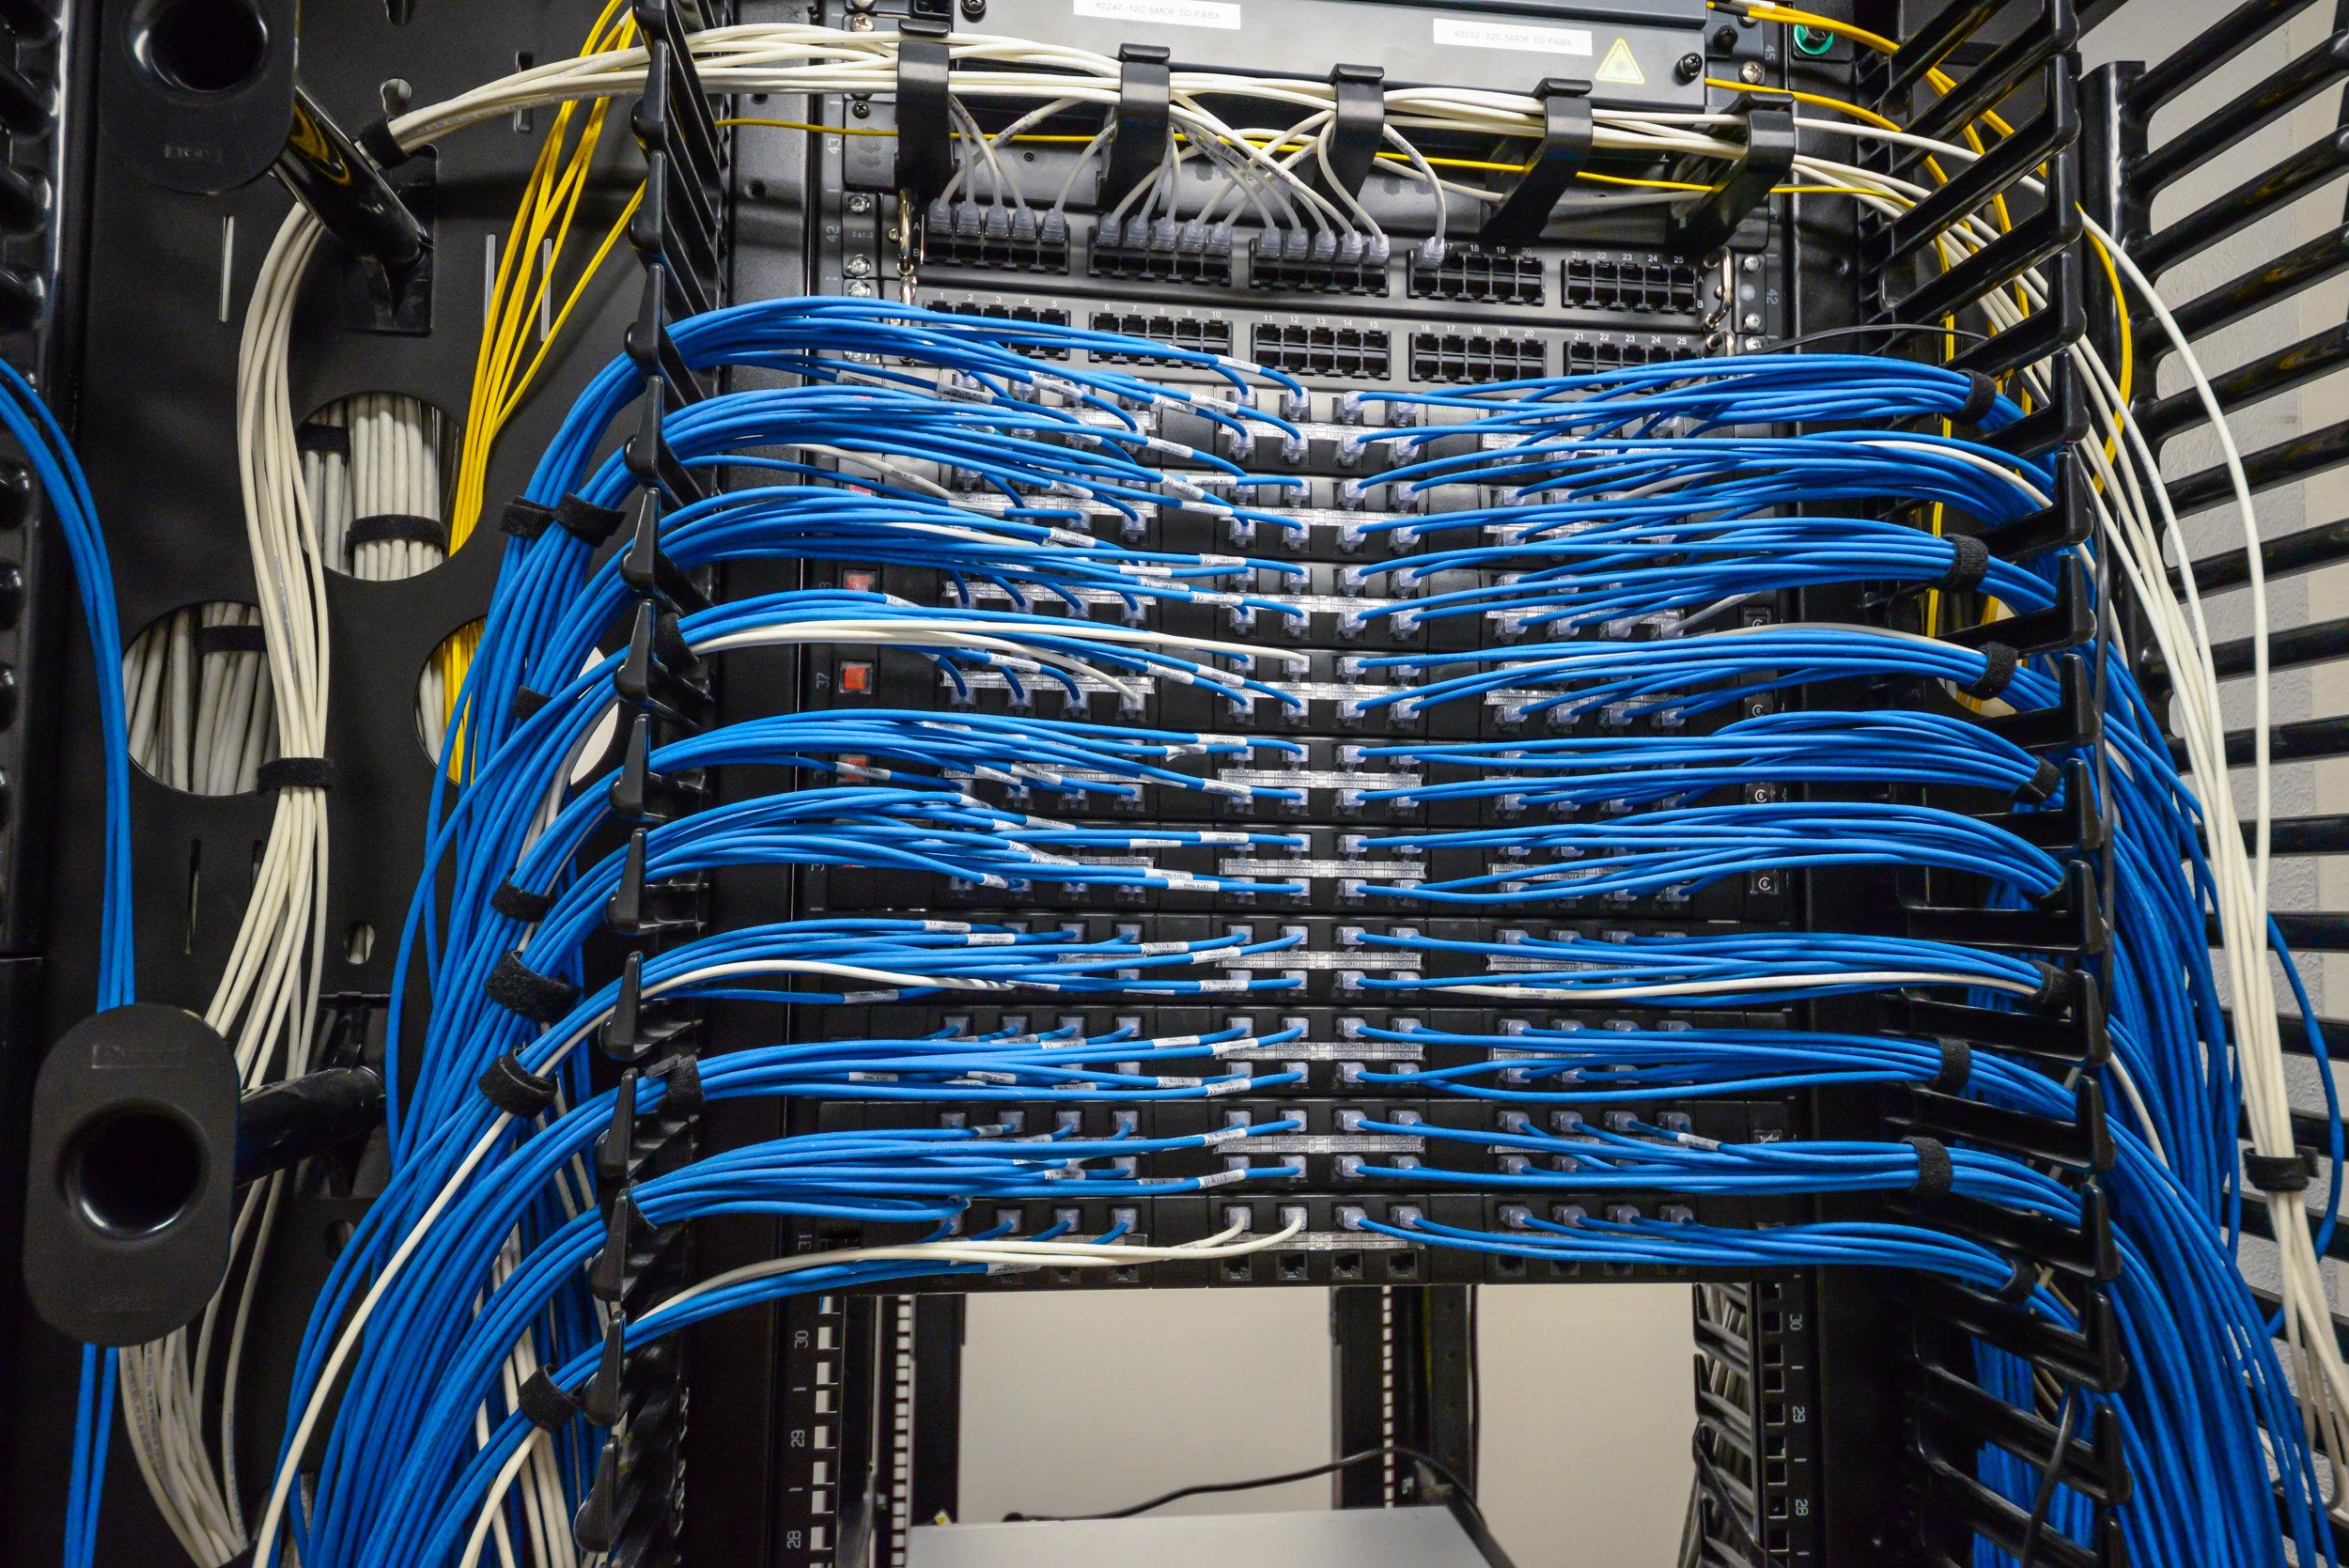 cabling jpg [ 1500 x 1001 Pixel ]